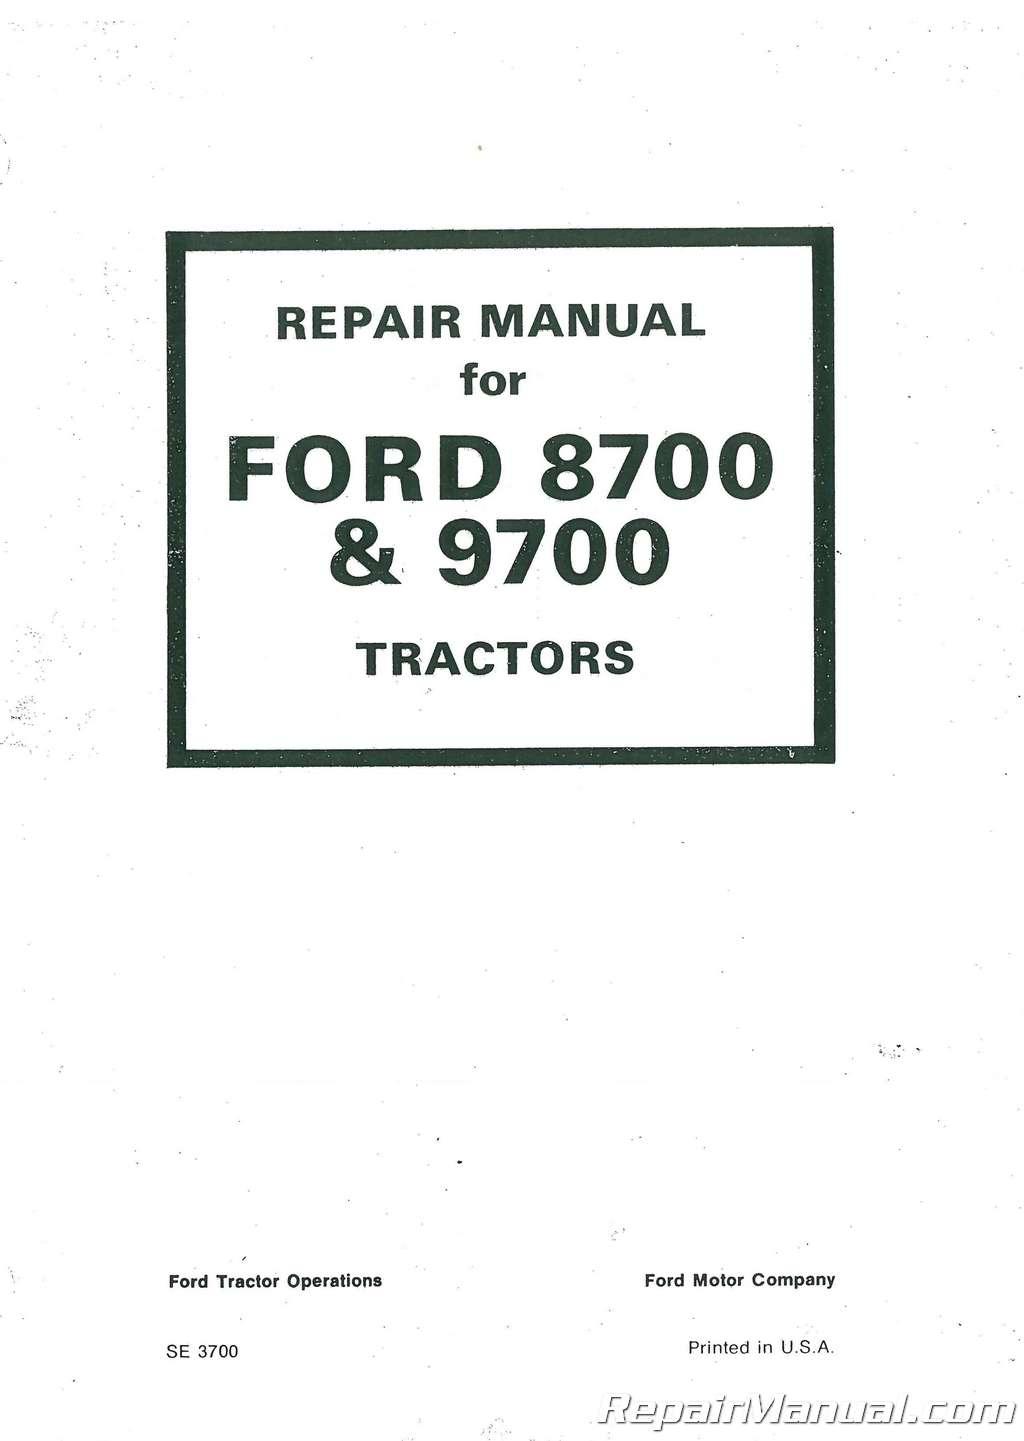 Ford Tractor Repair Manual 9700 8n Parts Diagram 8700 And Service Rh Repairmanual Com Pdf 6700